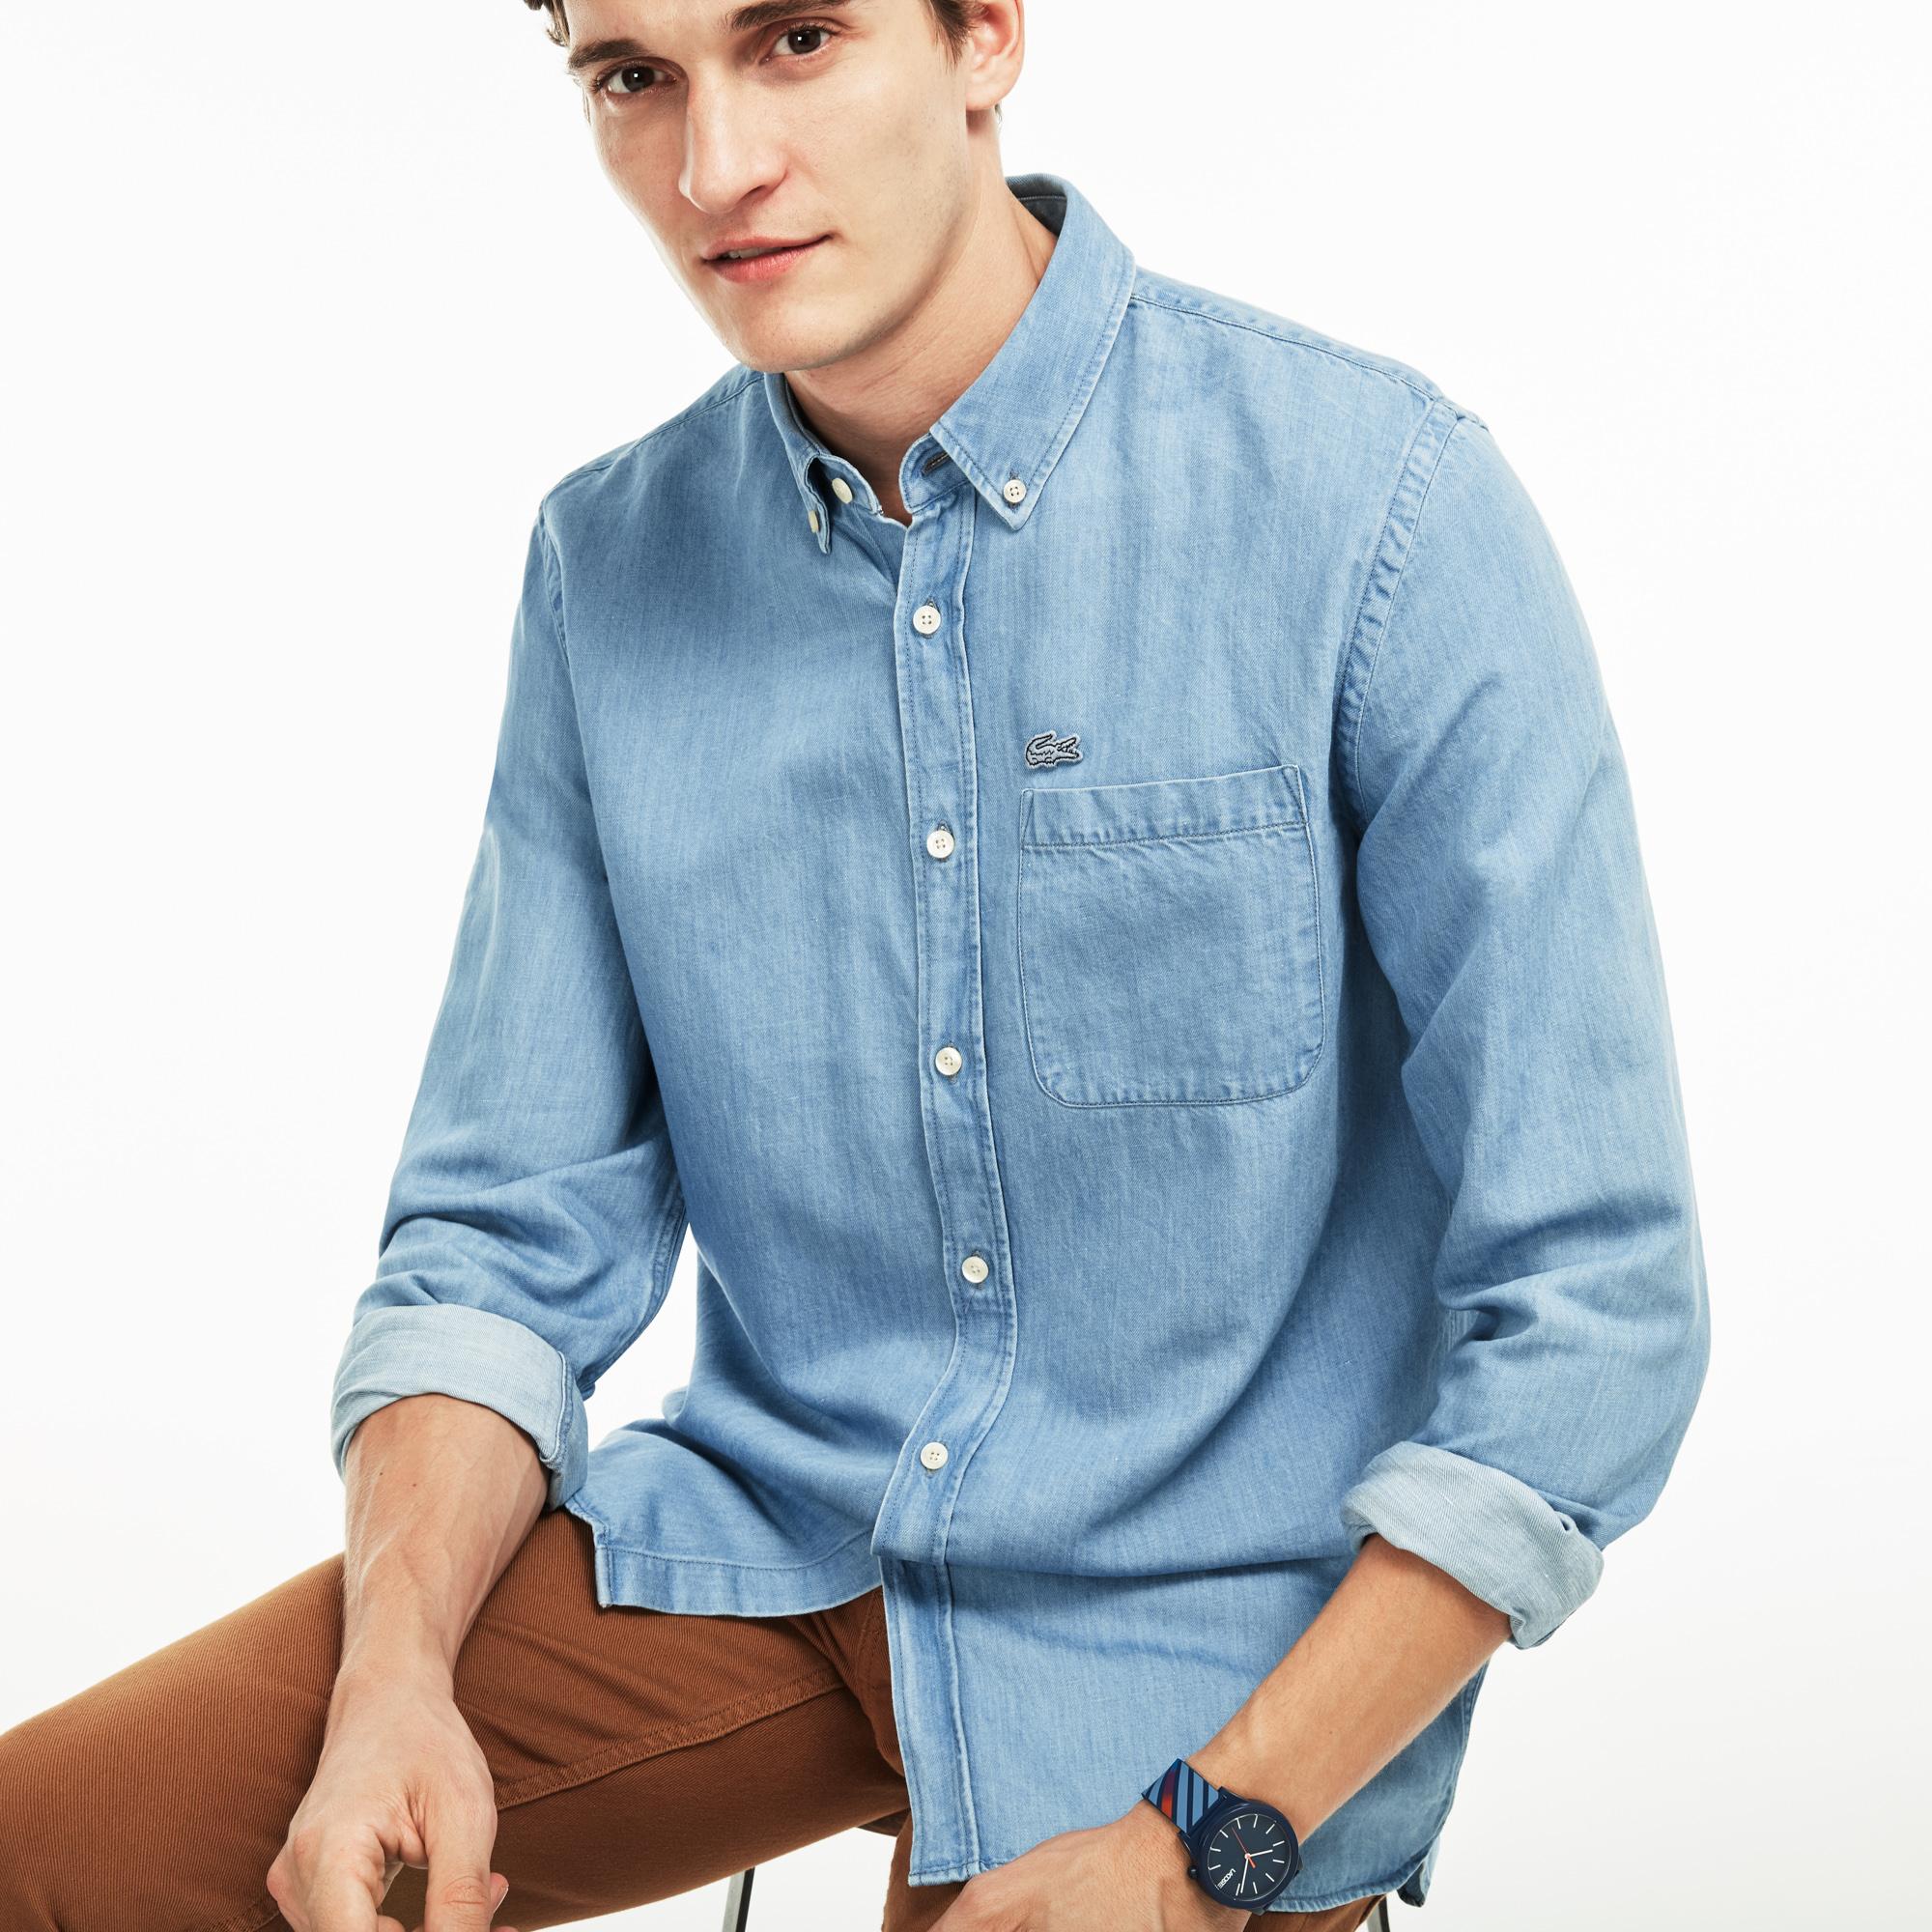 Рубашка Lacoste Regular fitРубашки<br>Детали: мужская рубашка из хлопка и льна  \ Материал: 60% хлопок 40% лен \ Страна производства: Тунис